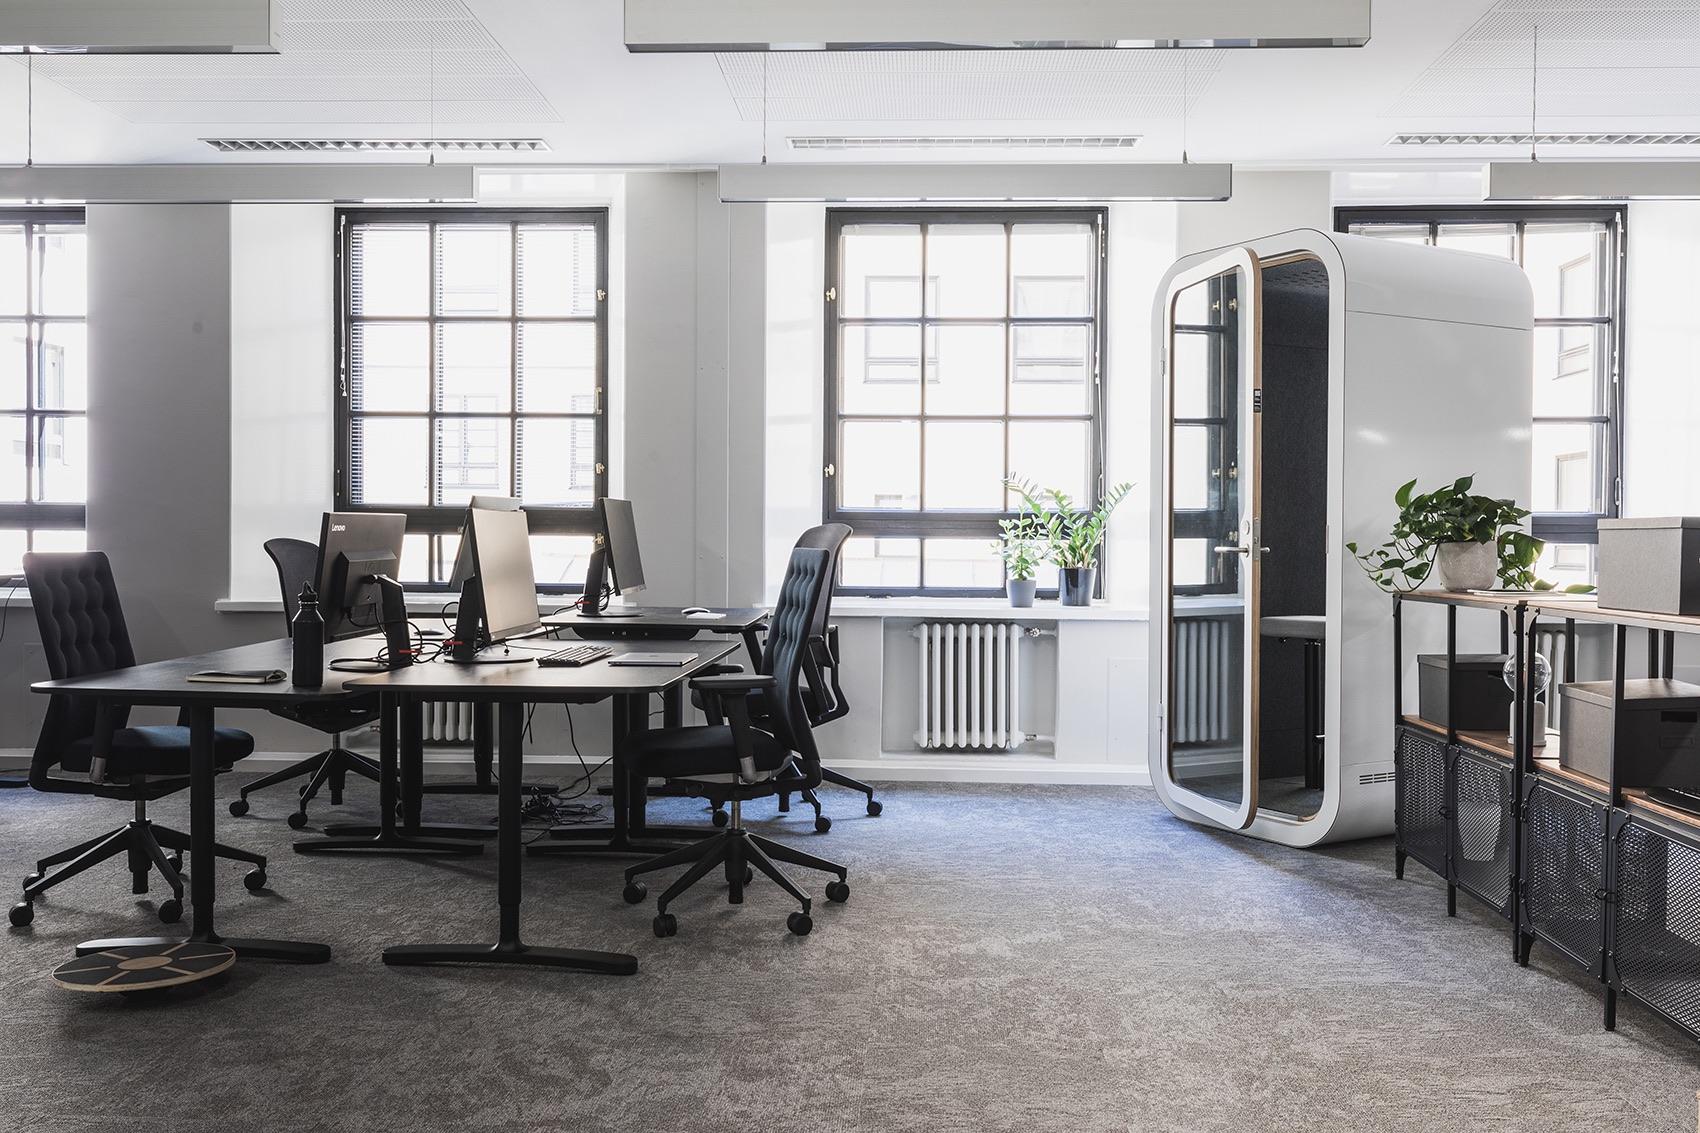 Workspace Oy